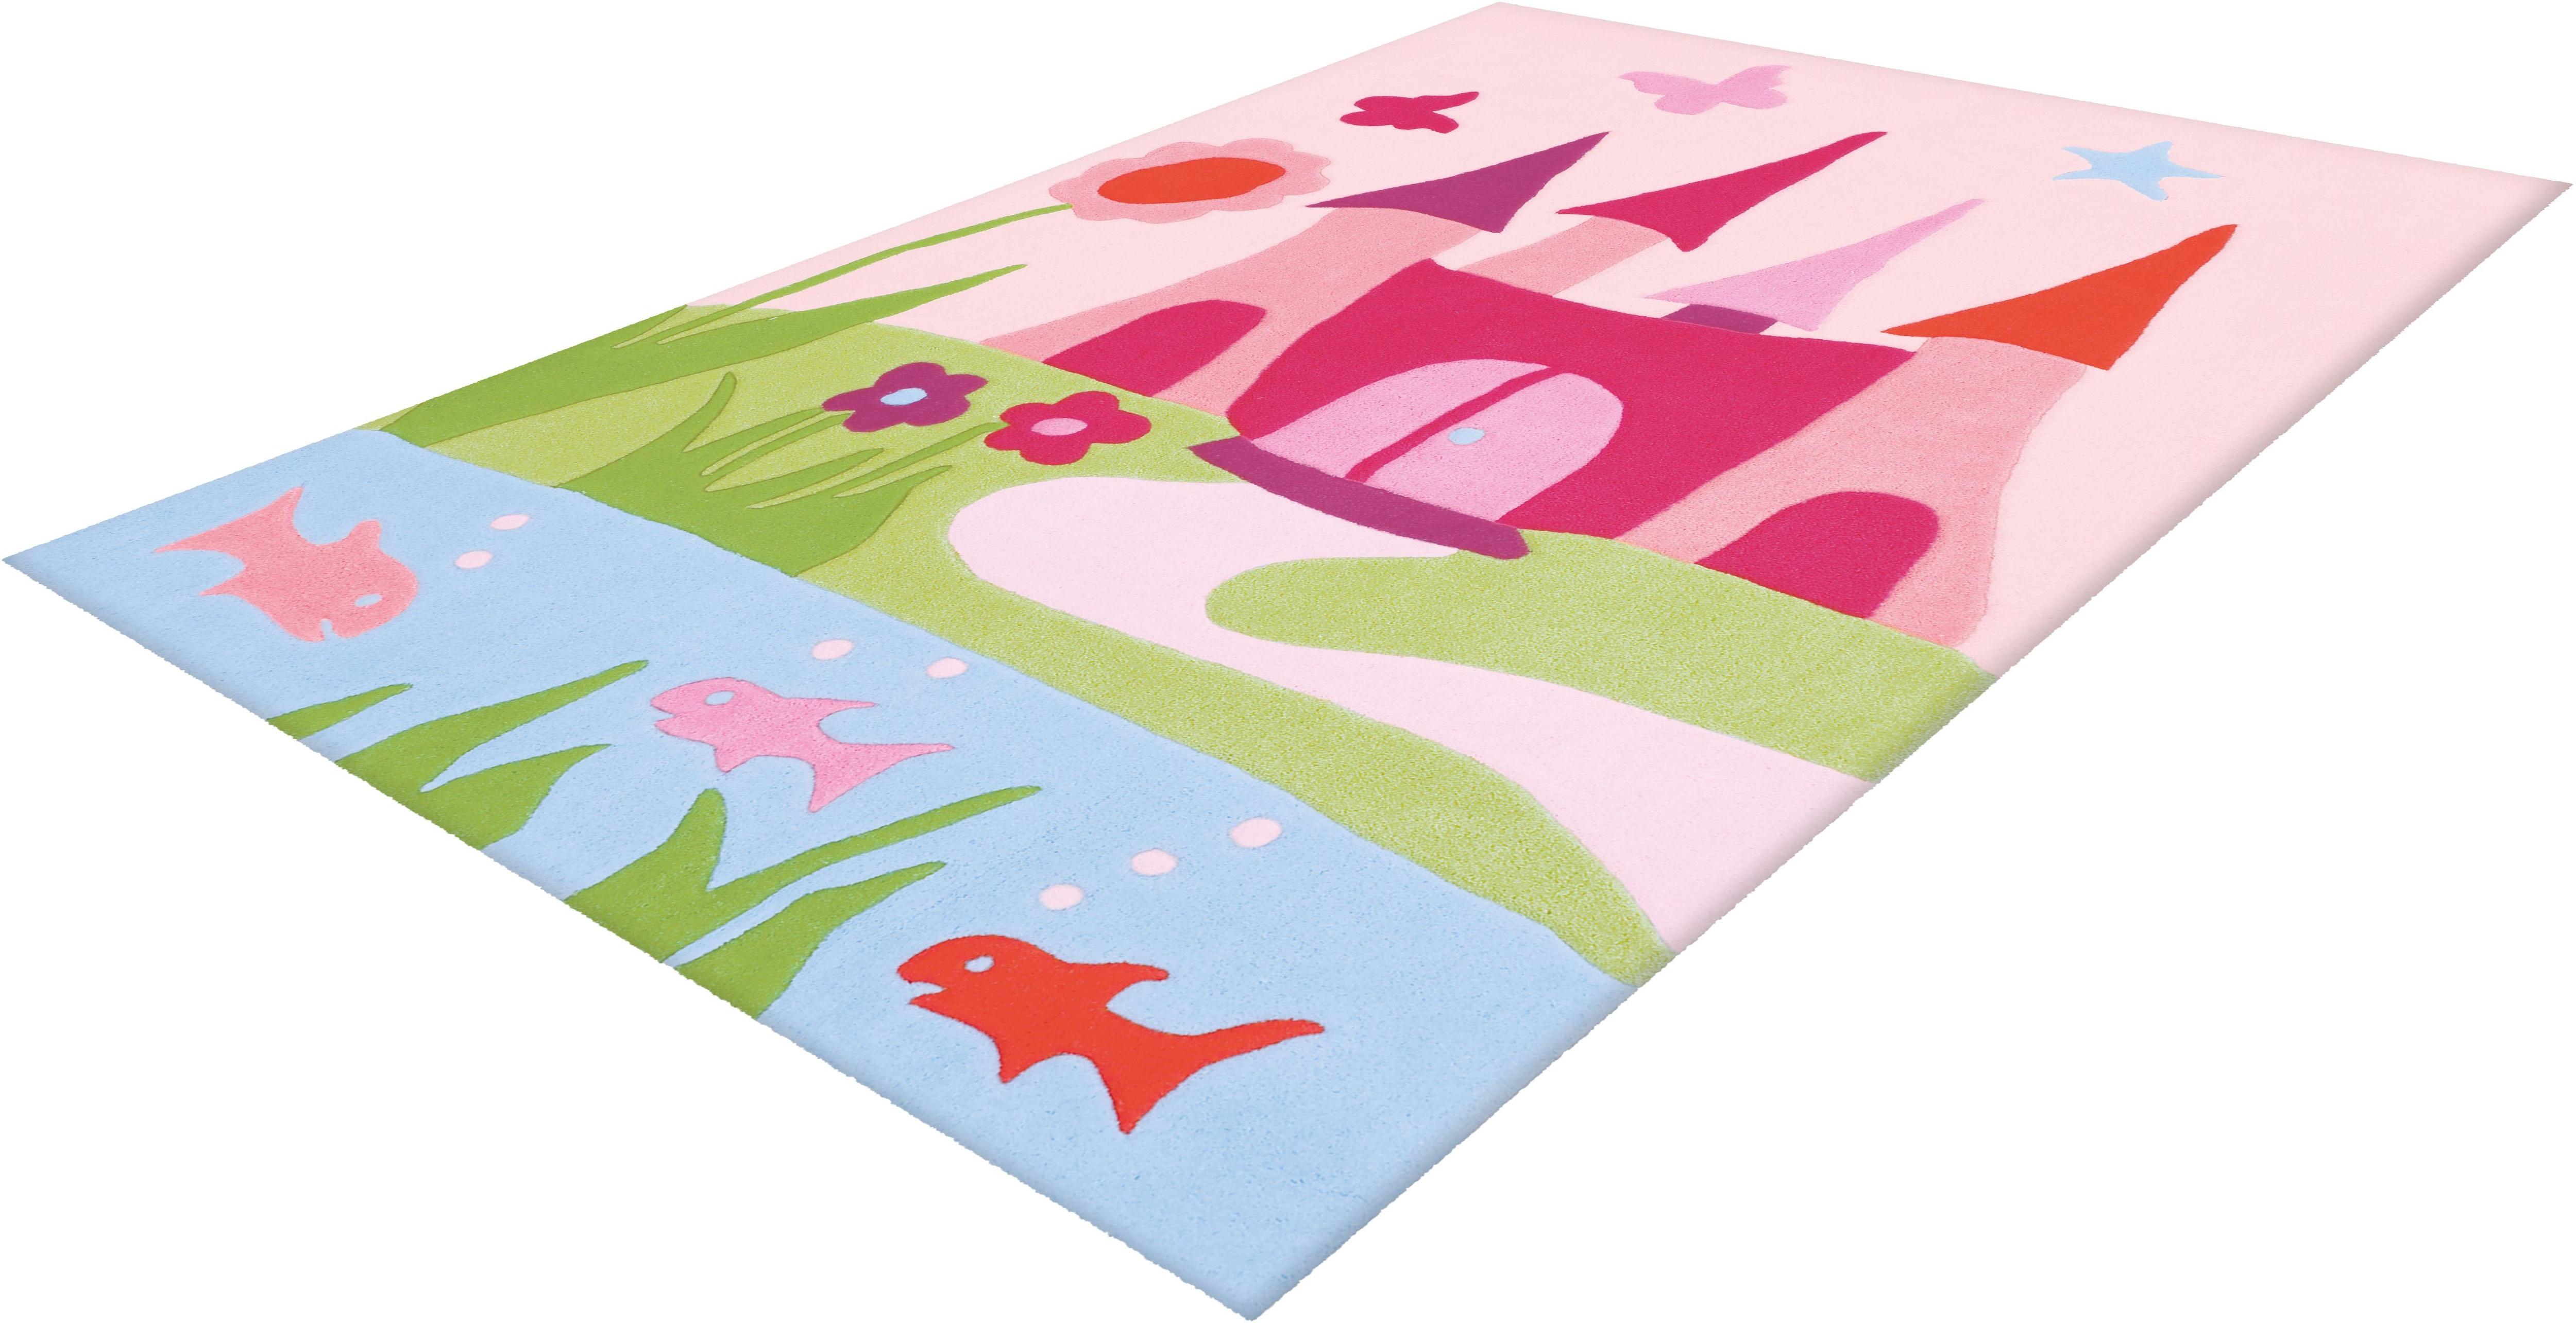 Kinderteppich Joy 4052 Arte Espina rechteckig Höhe 16 mm handgetuftet